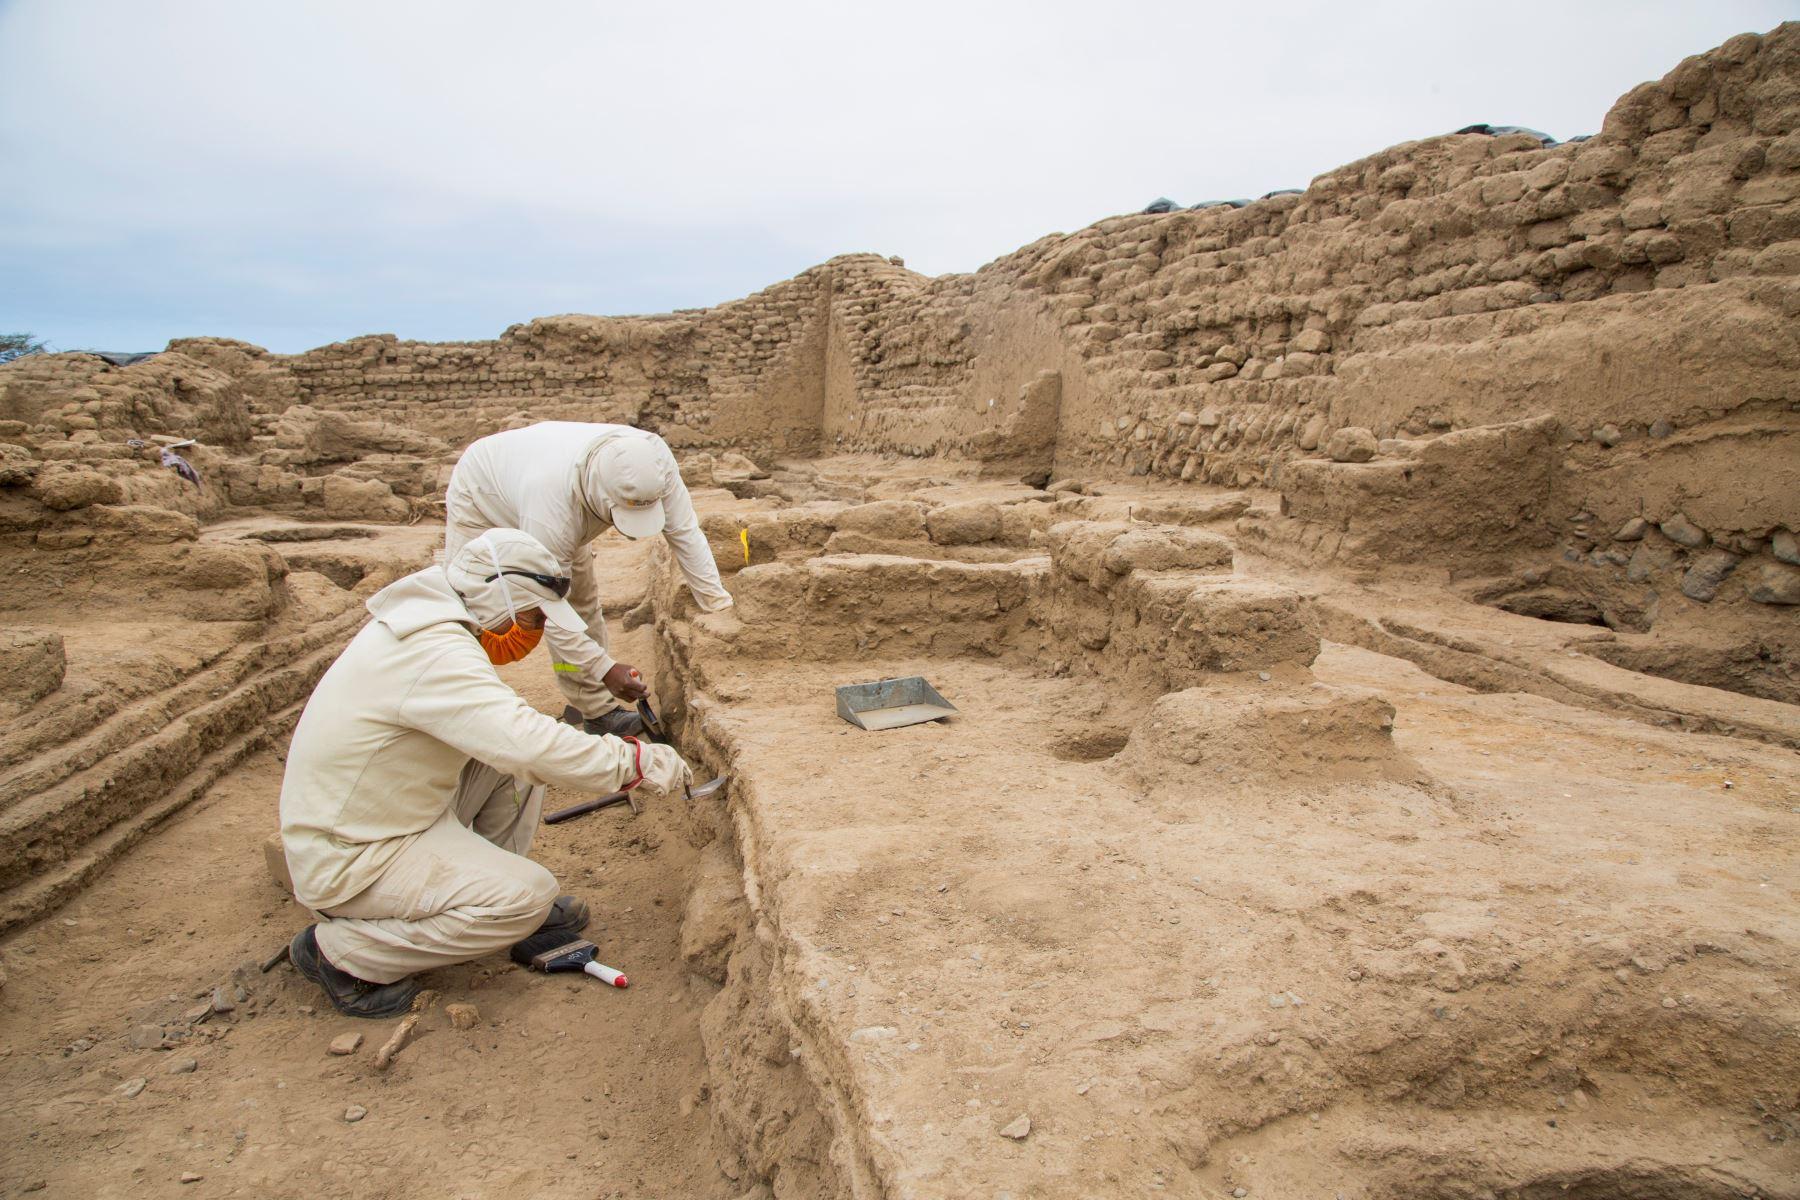 Arqueólogos hallan turbante y 37 contextos funerarios en el conjunto amurallado Chayhuac An, en el complejo arqueológico Chan Chan, en Trujillo.  Foto: Cortesía Pecach